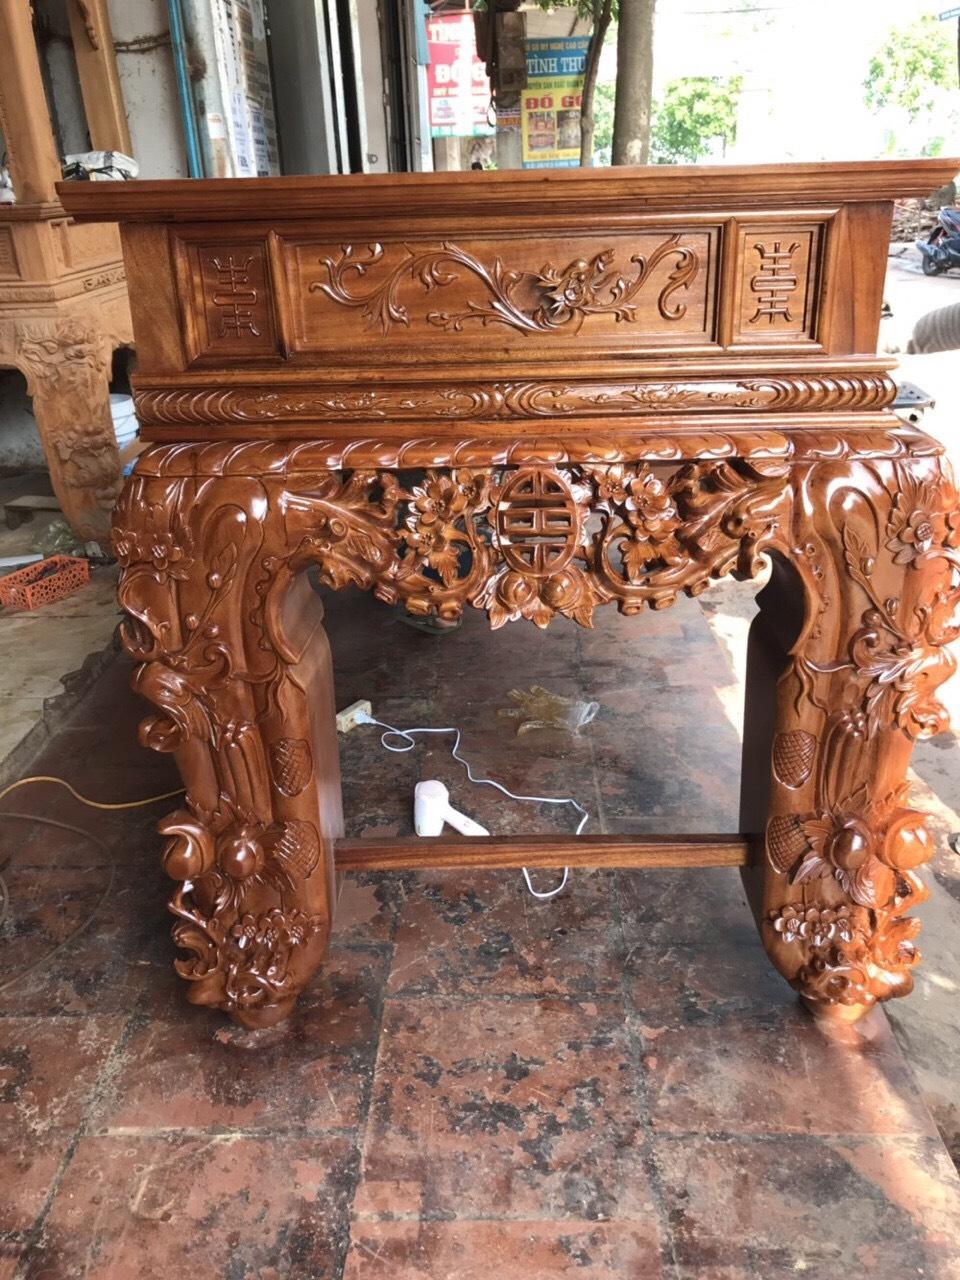 sap tho go gu chan 22 - Sập thờ gỗ gụ chân 24 mẫu Mai Điểu dạ liền đục chạm tinh xảo